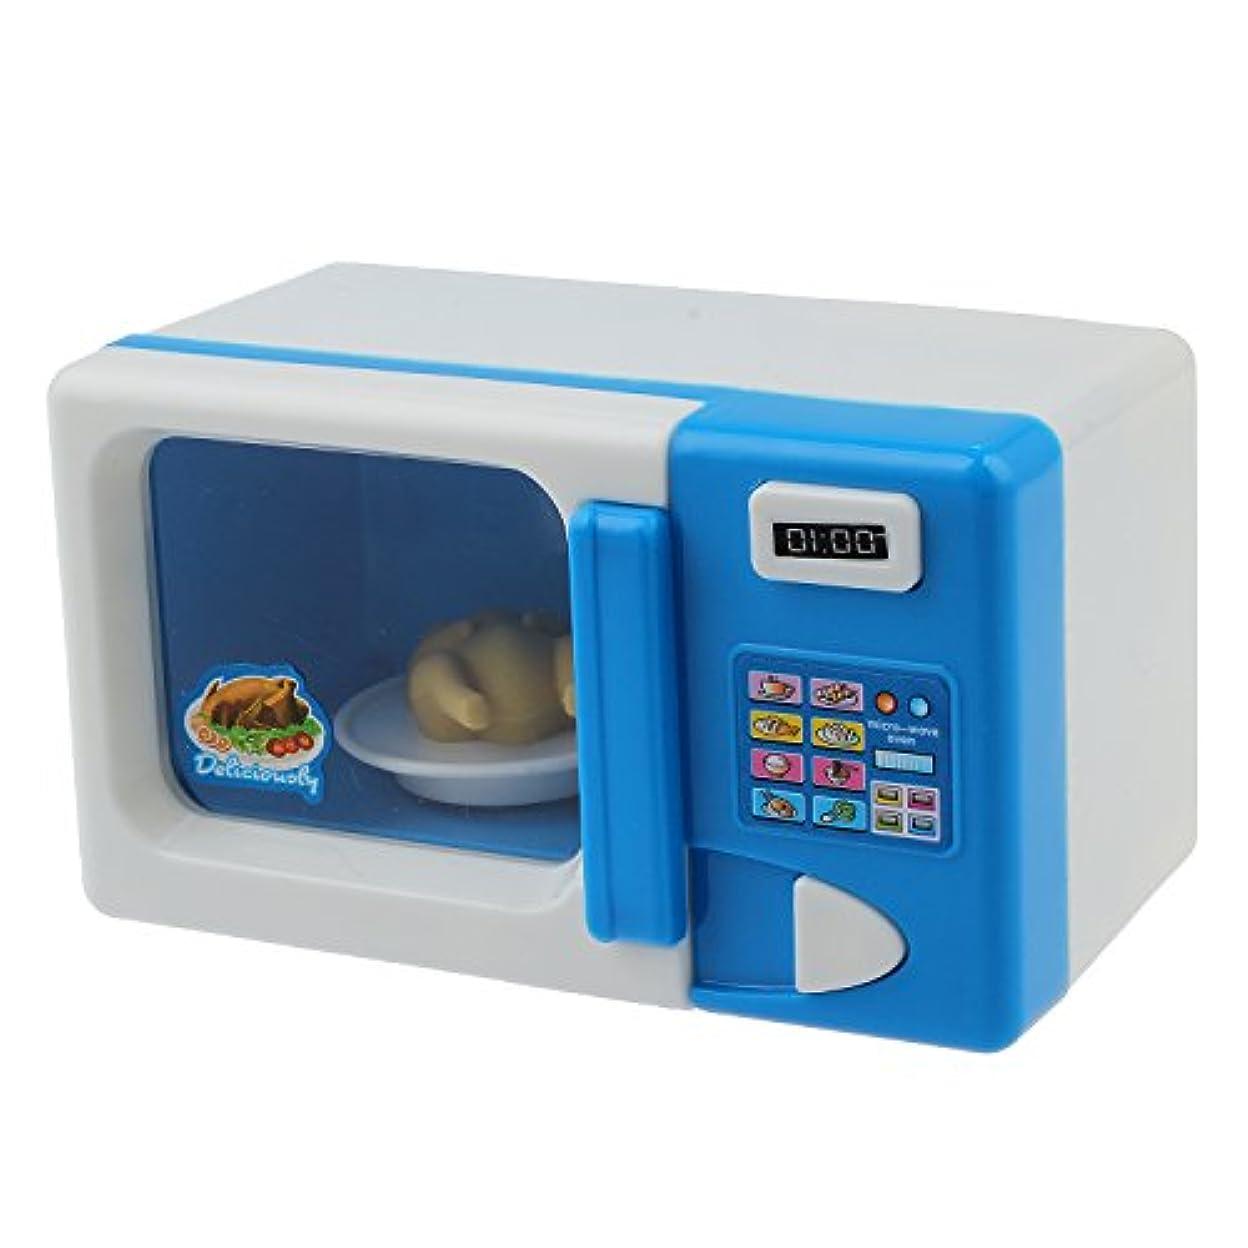 ランチョントリム権利を与えるSemoic ベビーキッド発達教育偽装家庭用品キッチンおもちゃギフト家庭用キッドチャイルド電子レンジ